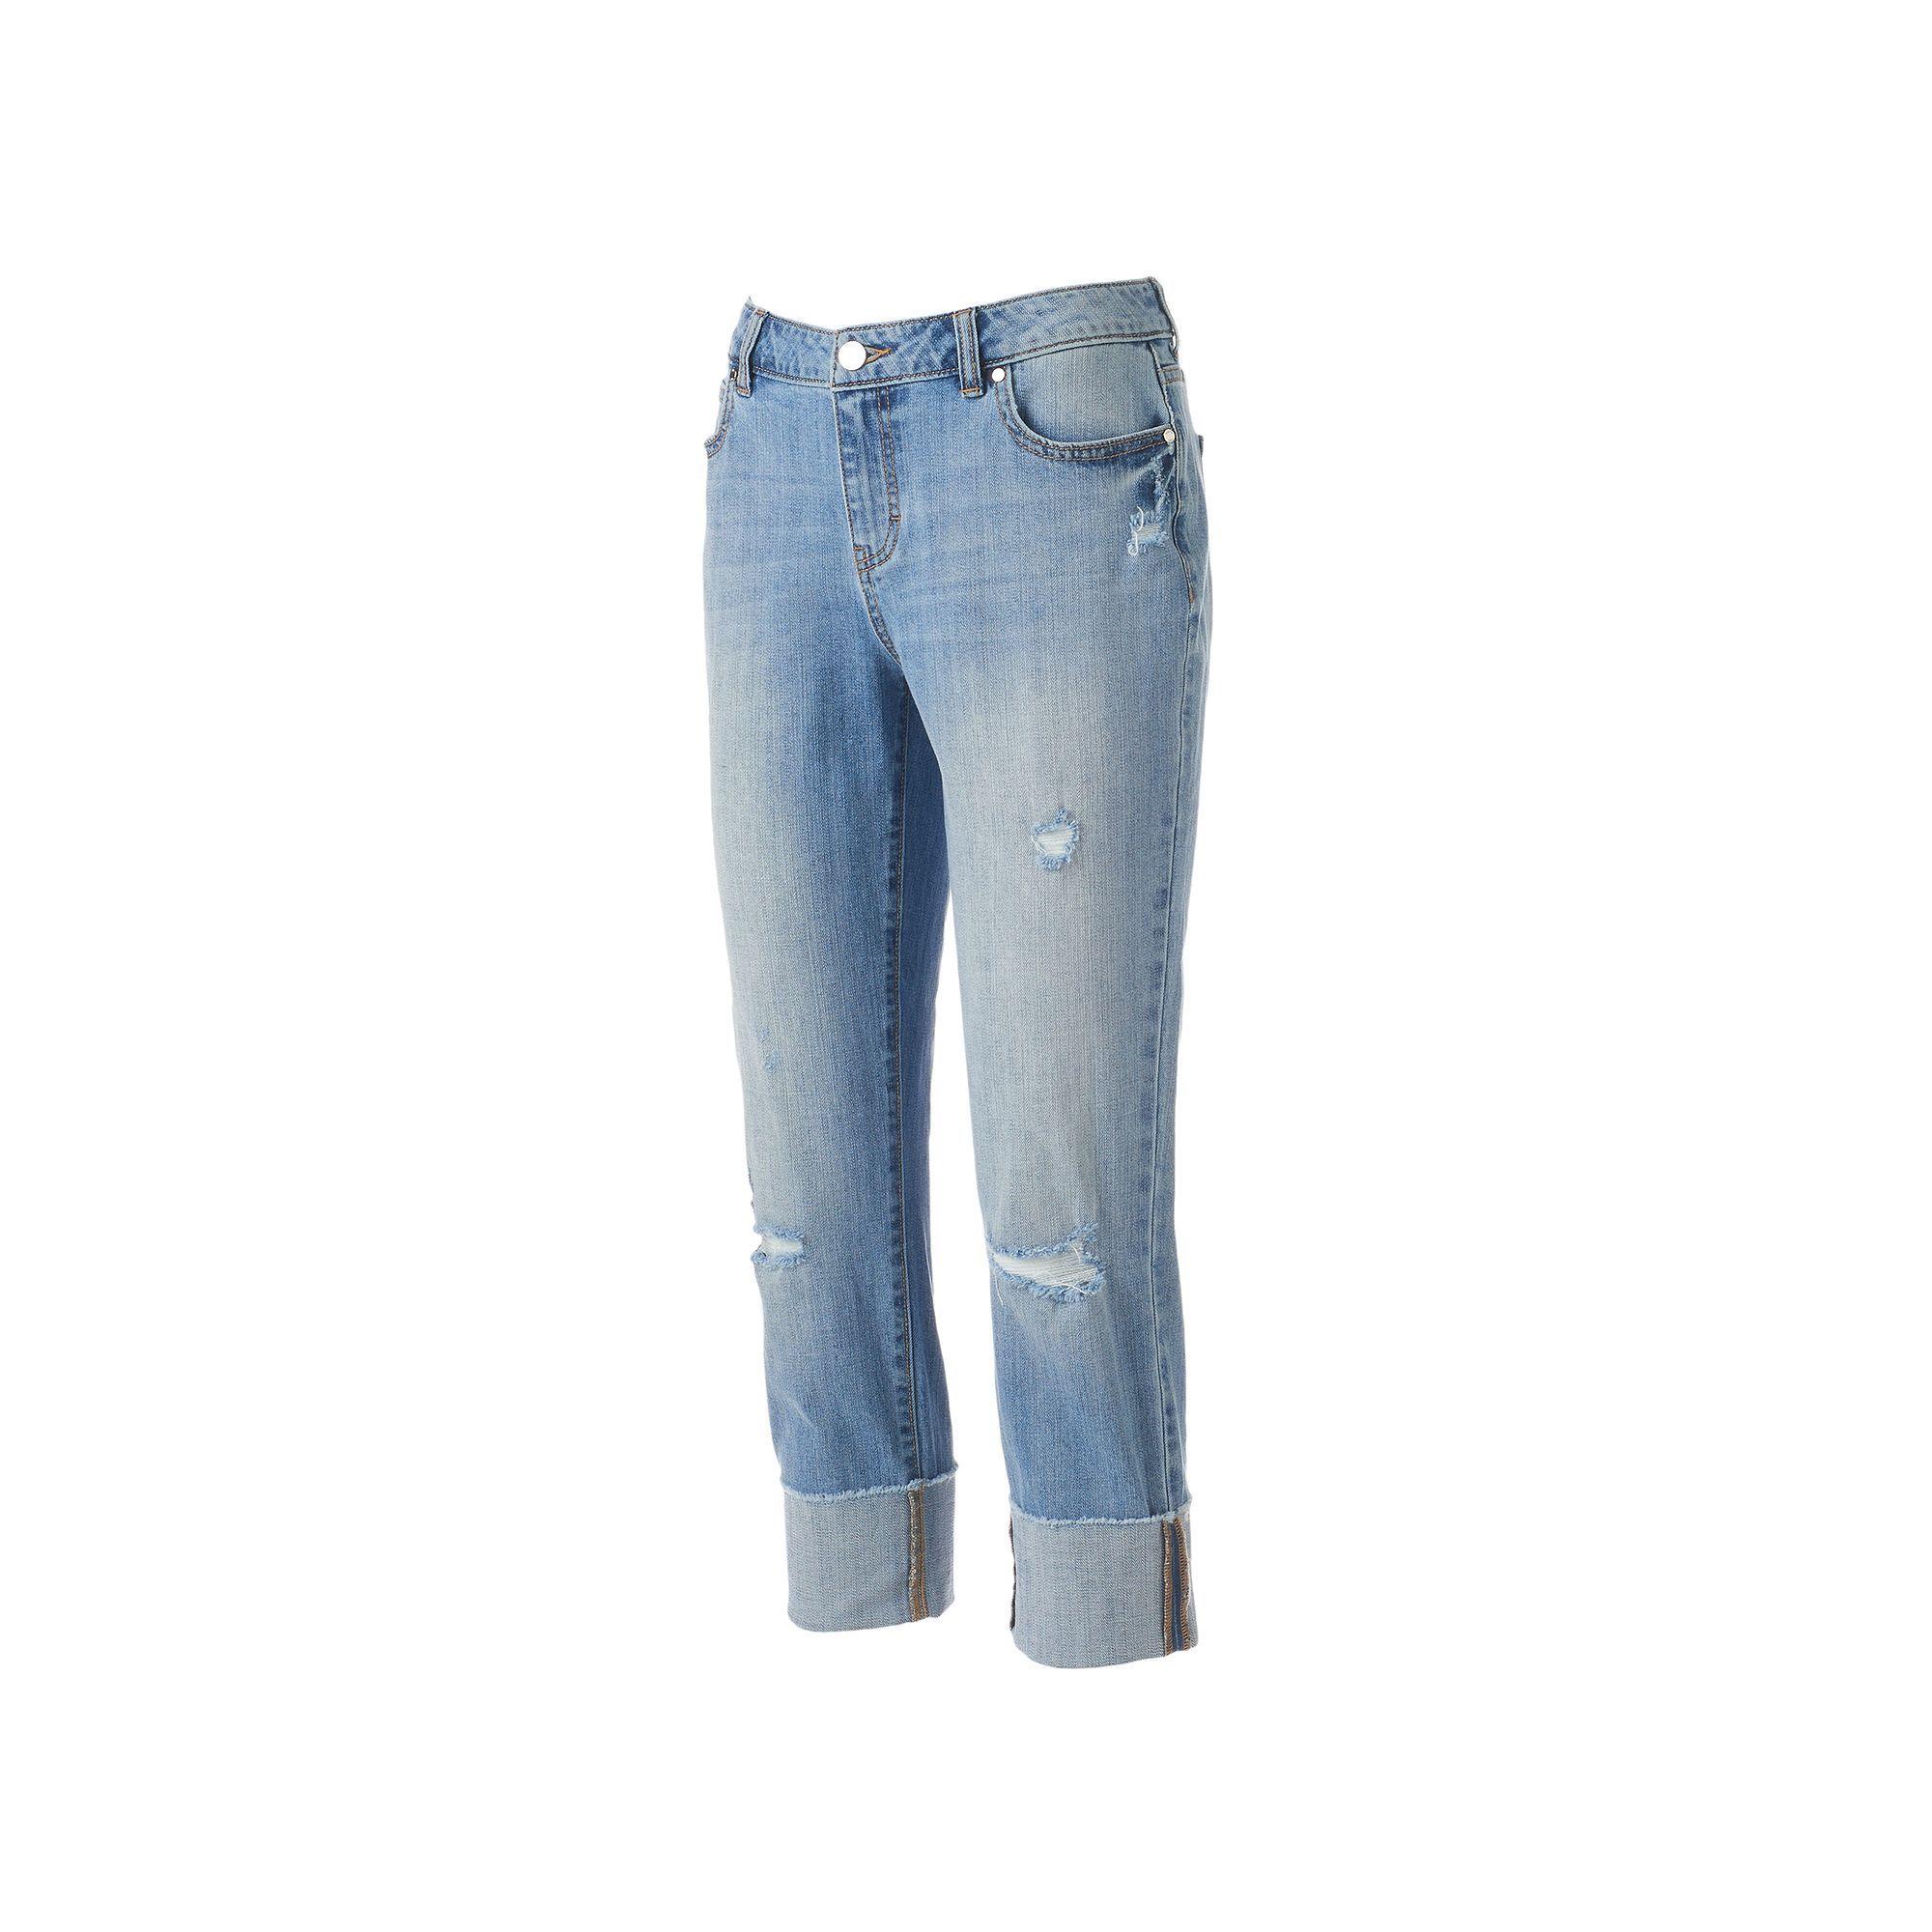 a56a6edab27 Women s Jennifer Lopez Rockin Boyfriend Jeans